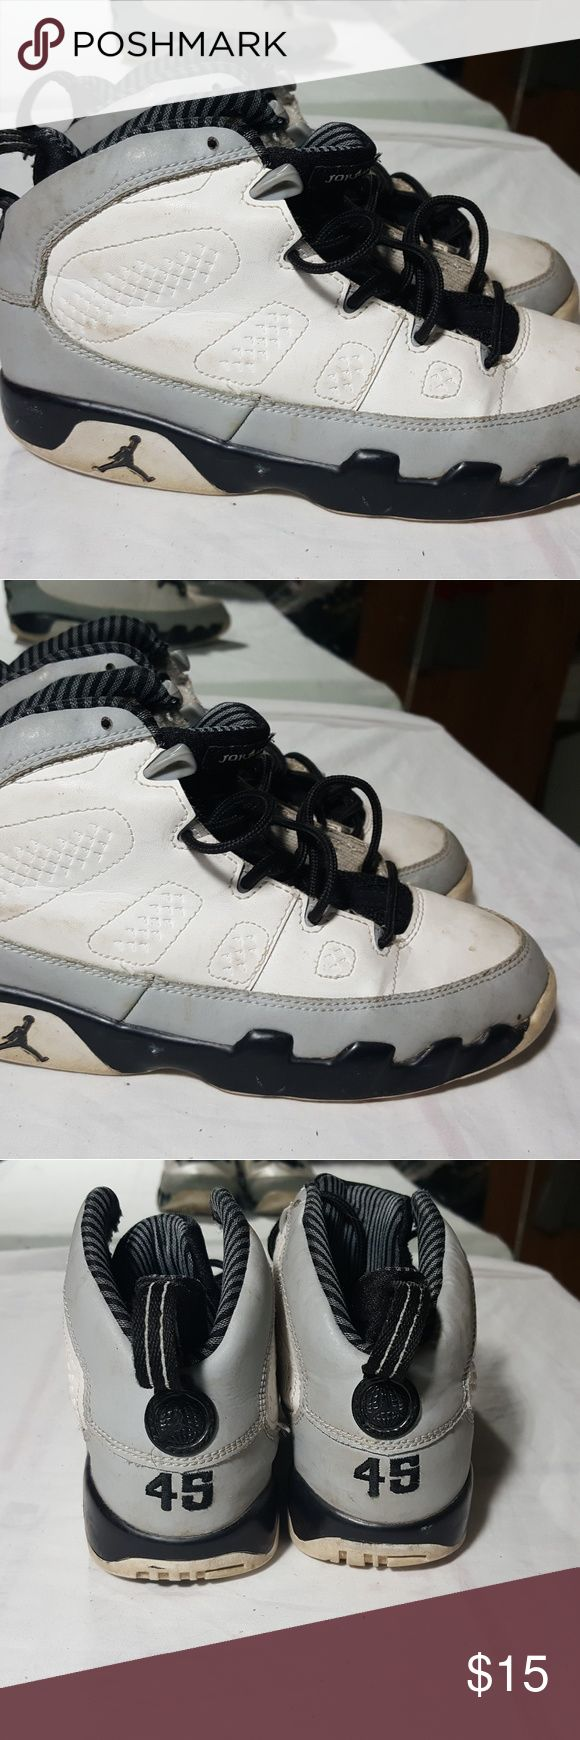 AIR JORDAN RETRO 9's SZ 3y AIR JORDAN RETRO 9's SZ 3y Air Jordan Shoes Sneakers